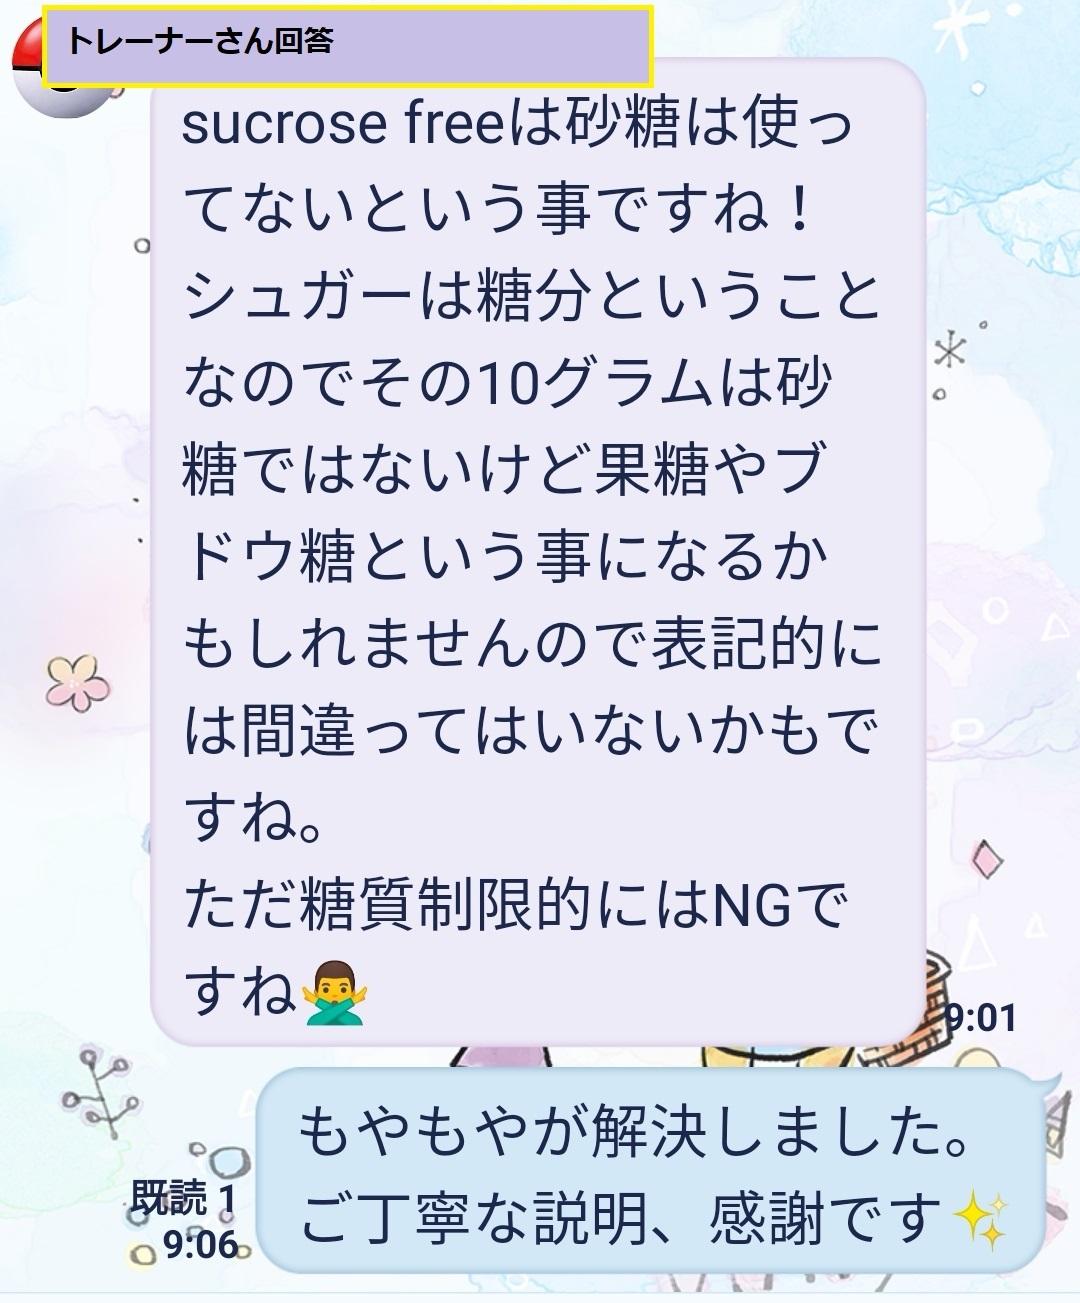 Screenshot_20190712_091638.jpg